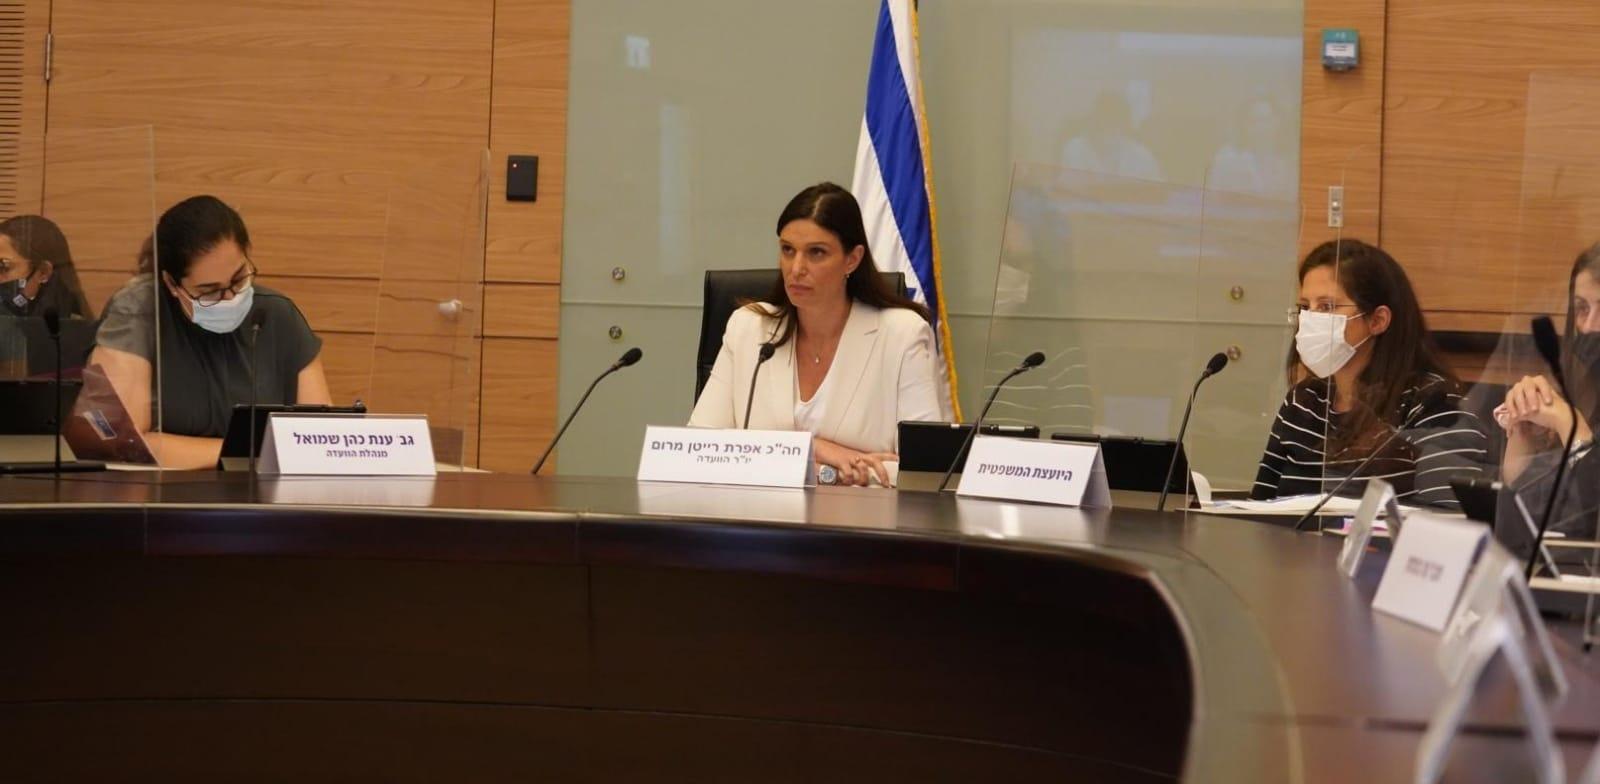 הדיון היום בוועדת העבודה, הרווחה והבריאות של הכנסת / צילום: דוברות הכנסת, דני שם טוב